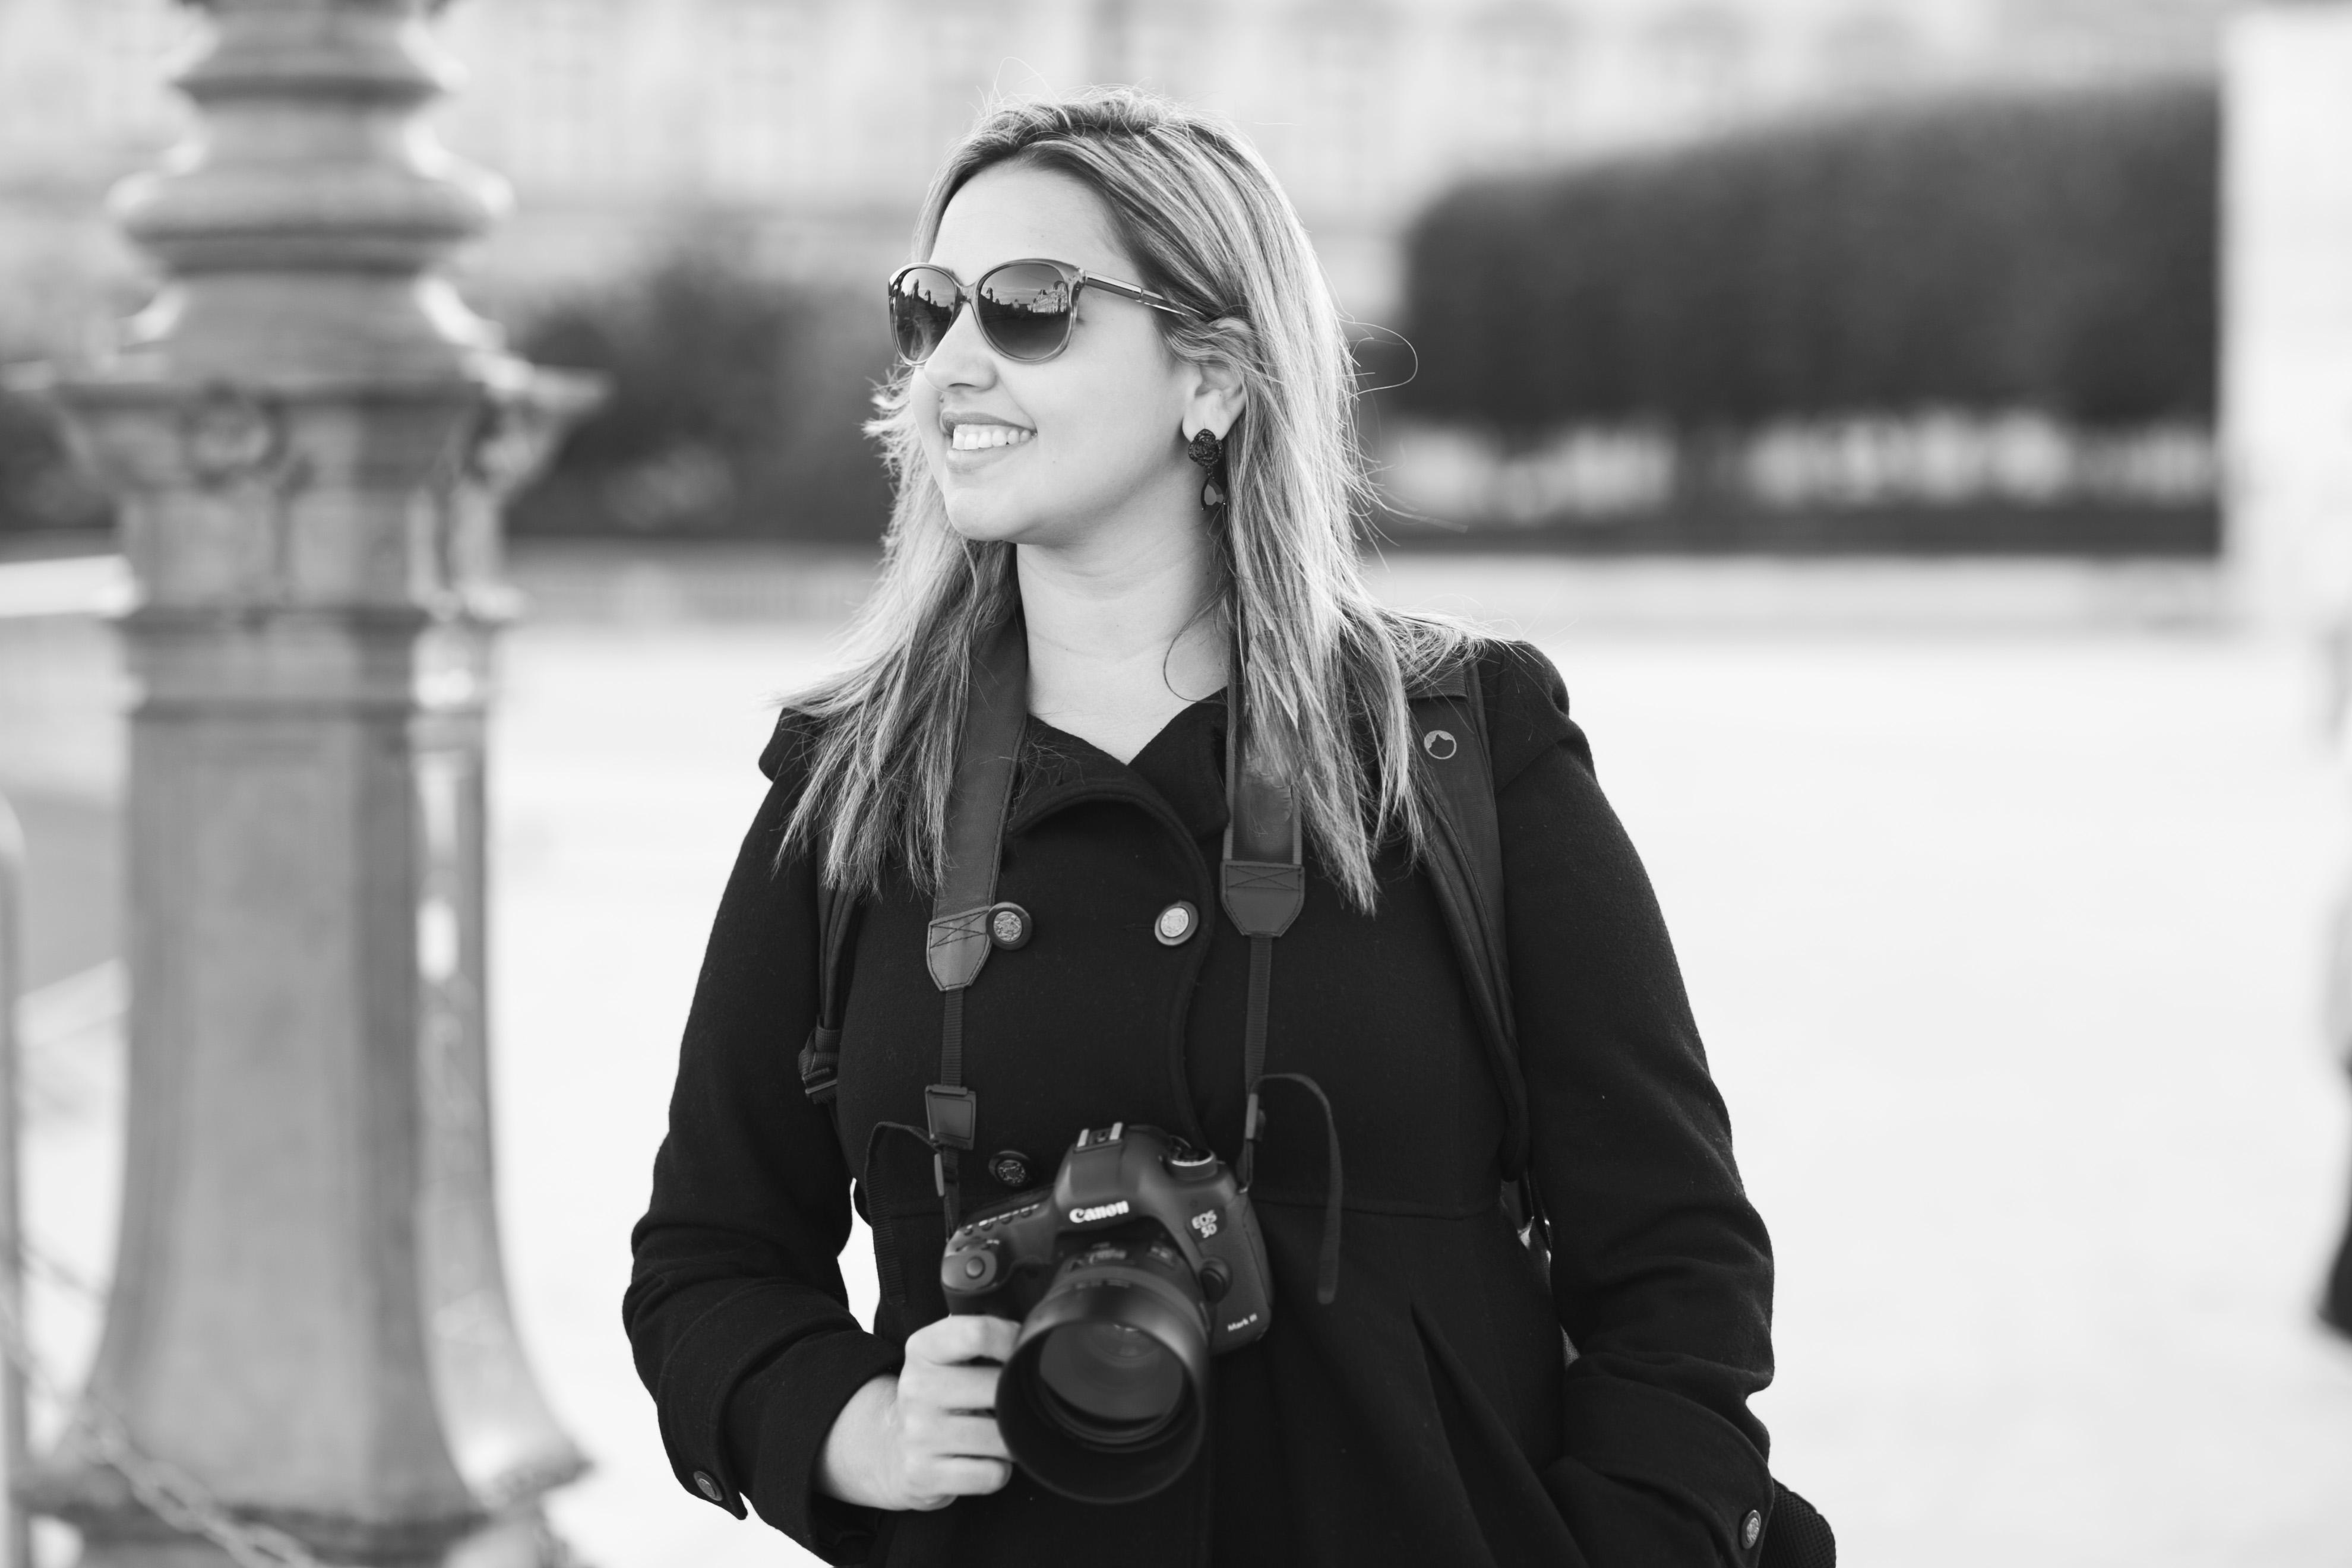 Sobre Raquel Farias - Fotografia